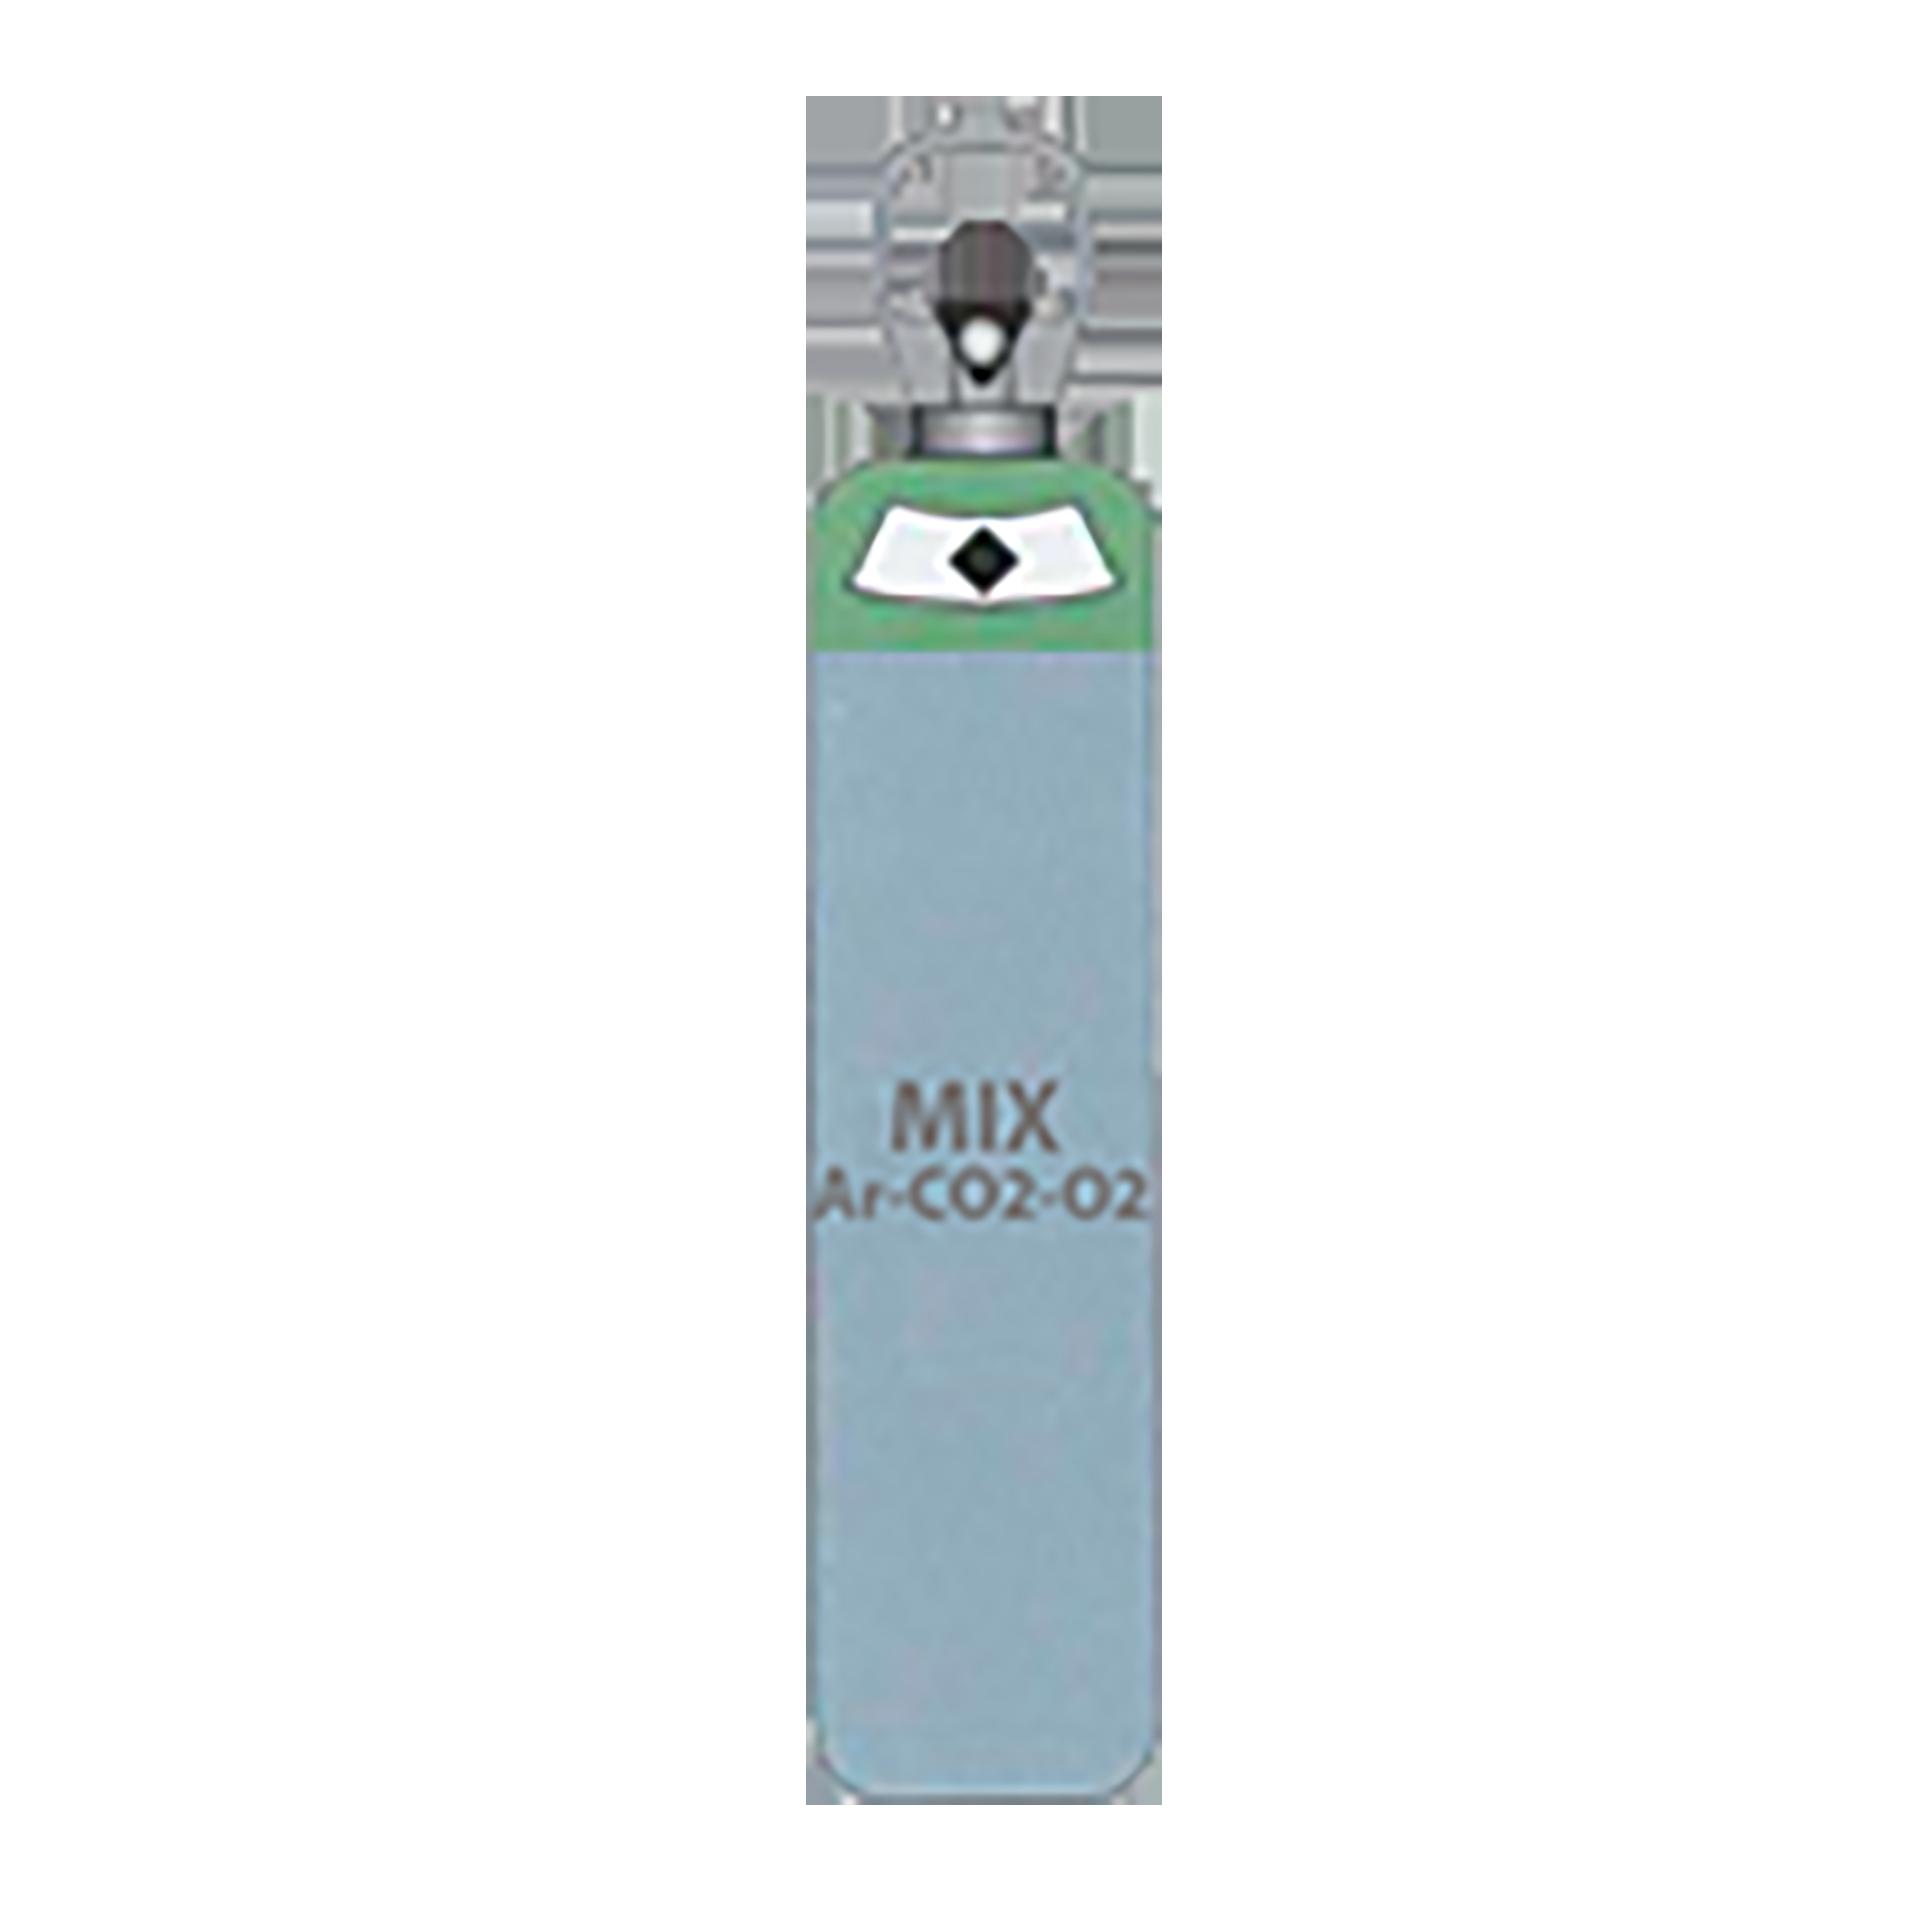 Mix Ar-Co2-O2